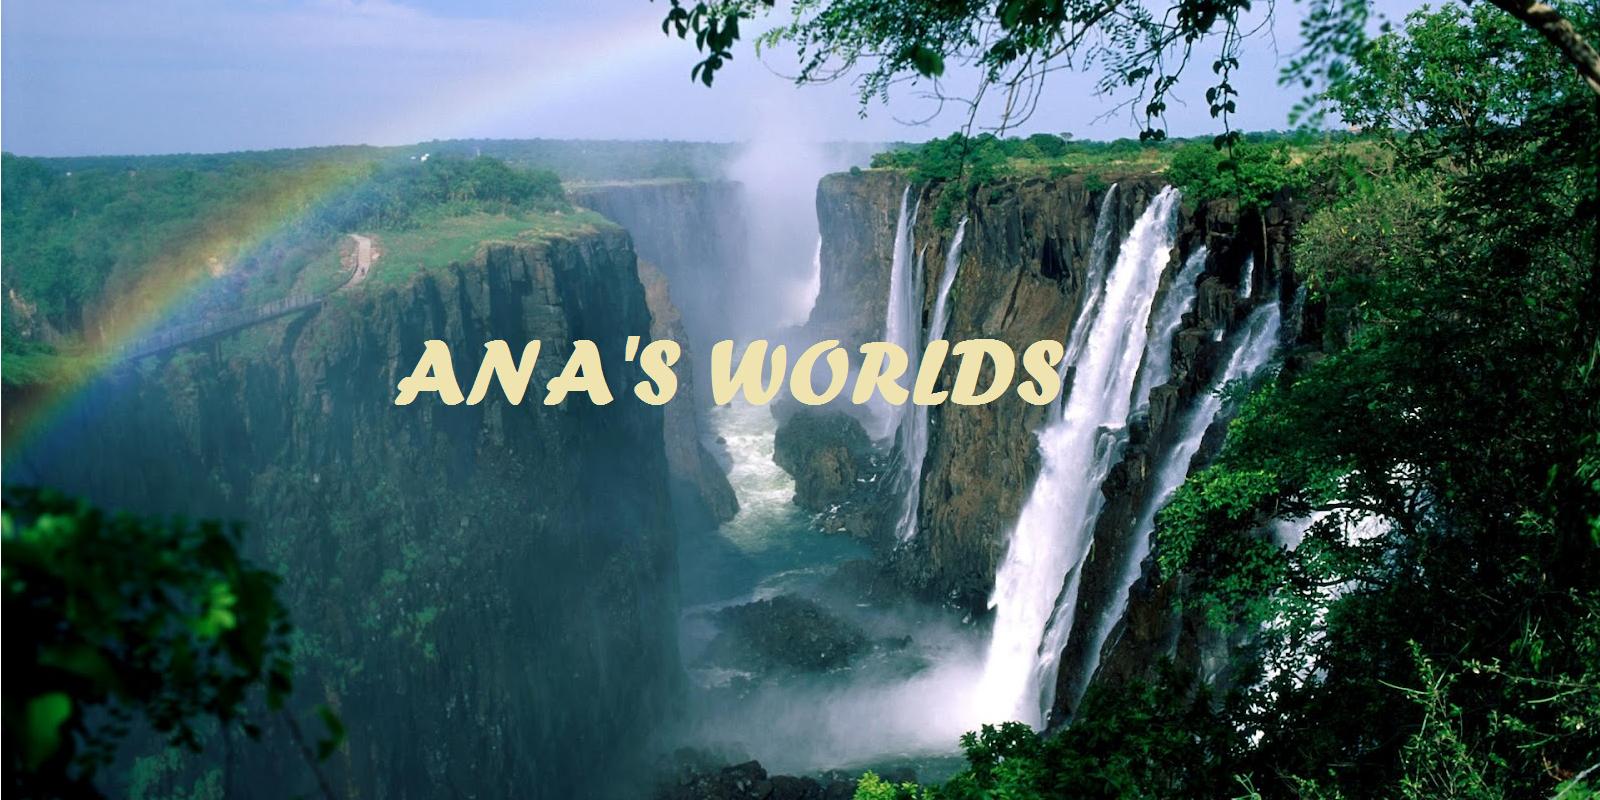 Ana's worlds